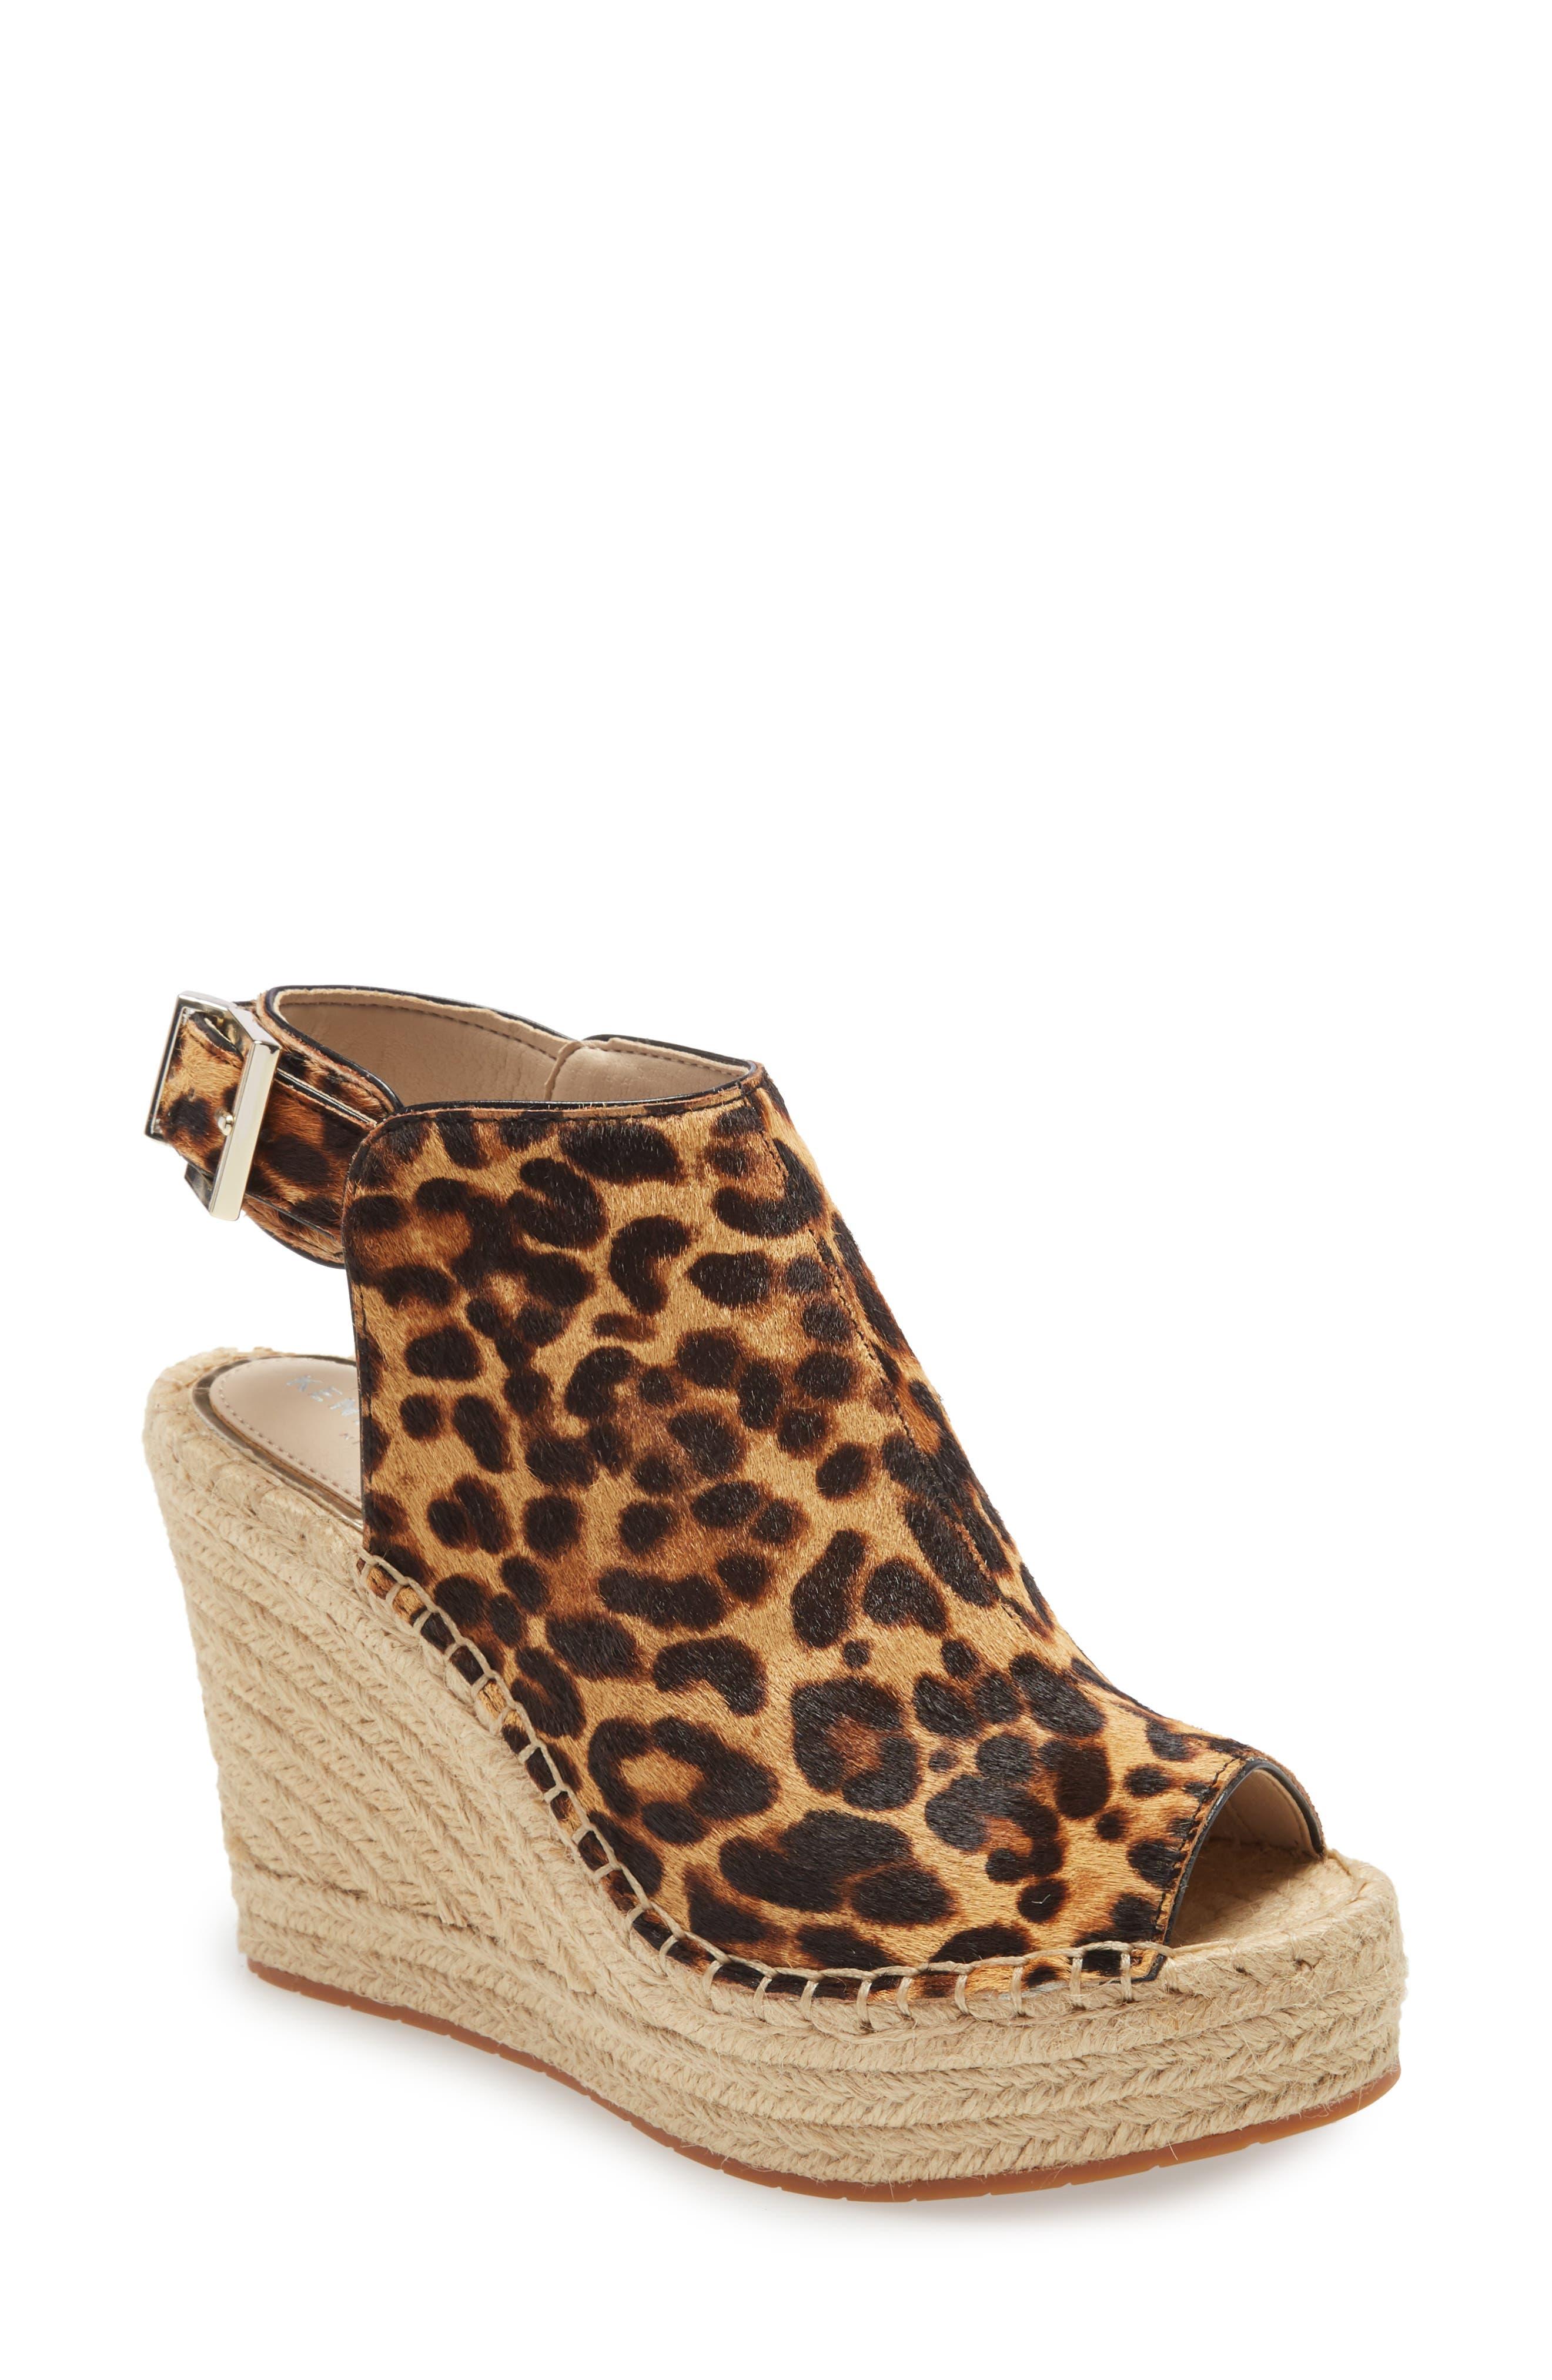 'Olivia' Espadrille Wedge Sandal